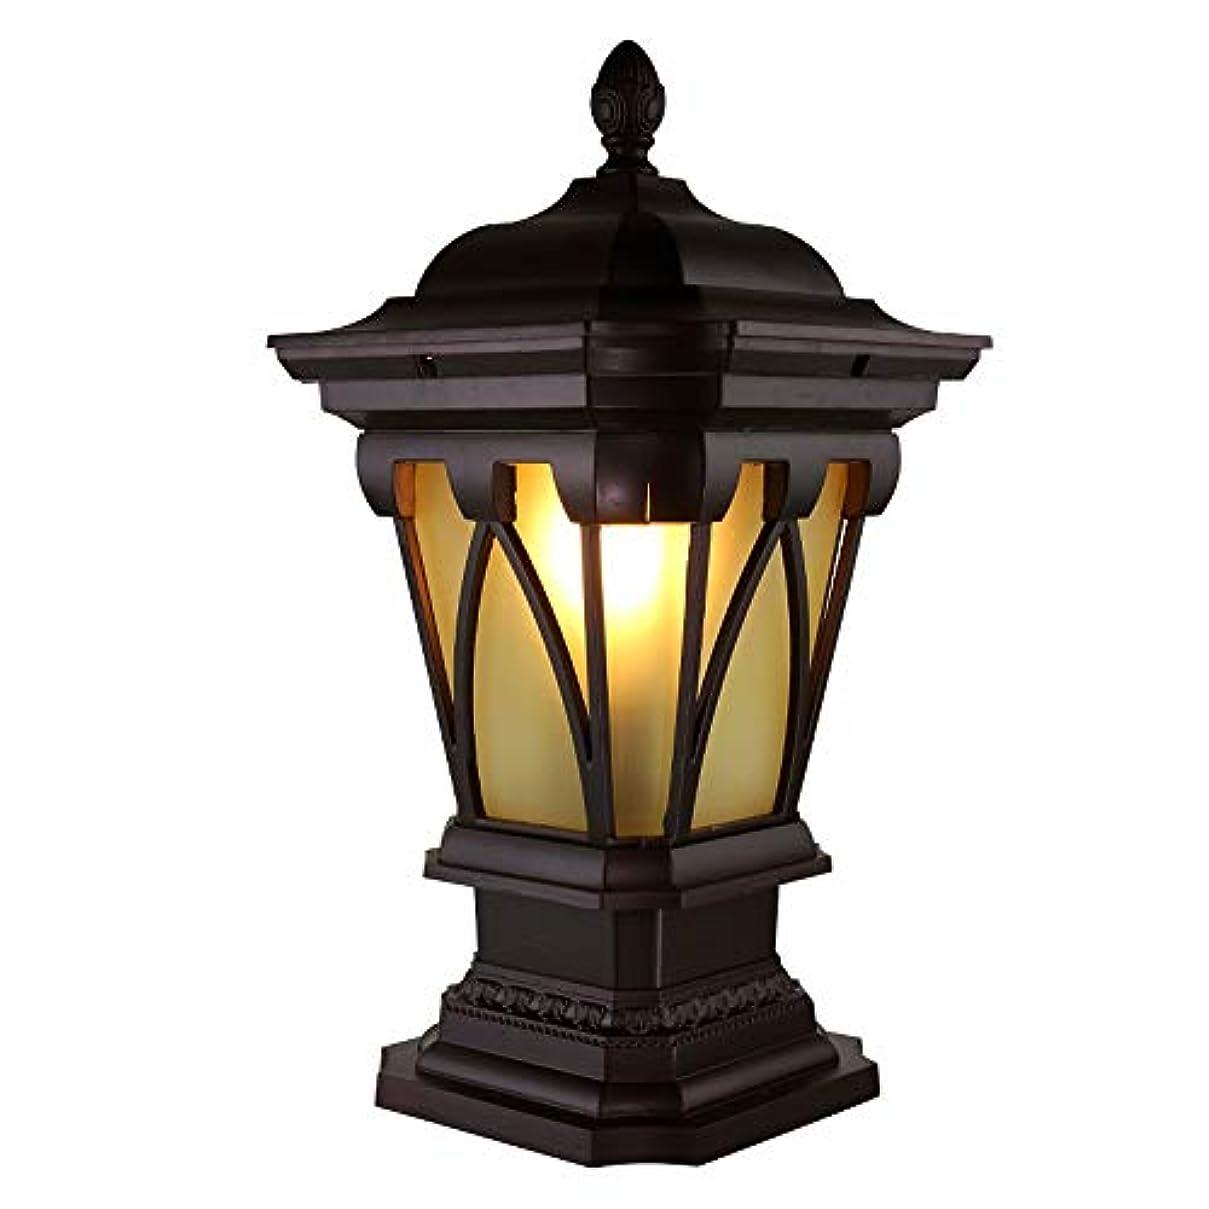 参照原理争うPinjeer E27ヨーロッパヴィンテージスターアニス黄色ガラスポストライト屋外ip54防水アルミコラムランプガーデン風景ヴィラホームドア中庭装飾柱ライト (サイズ : Height 81cm)